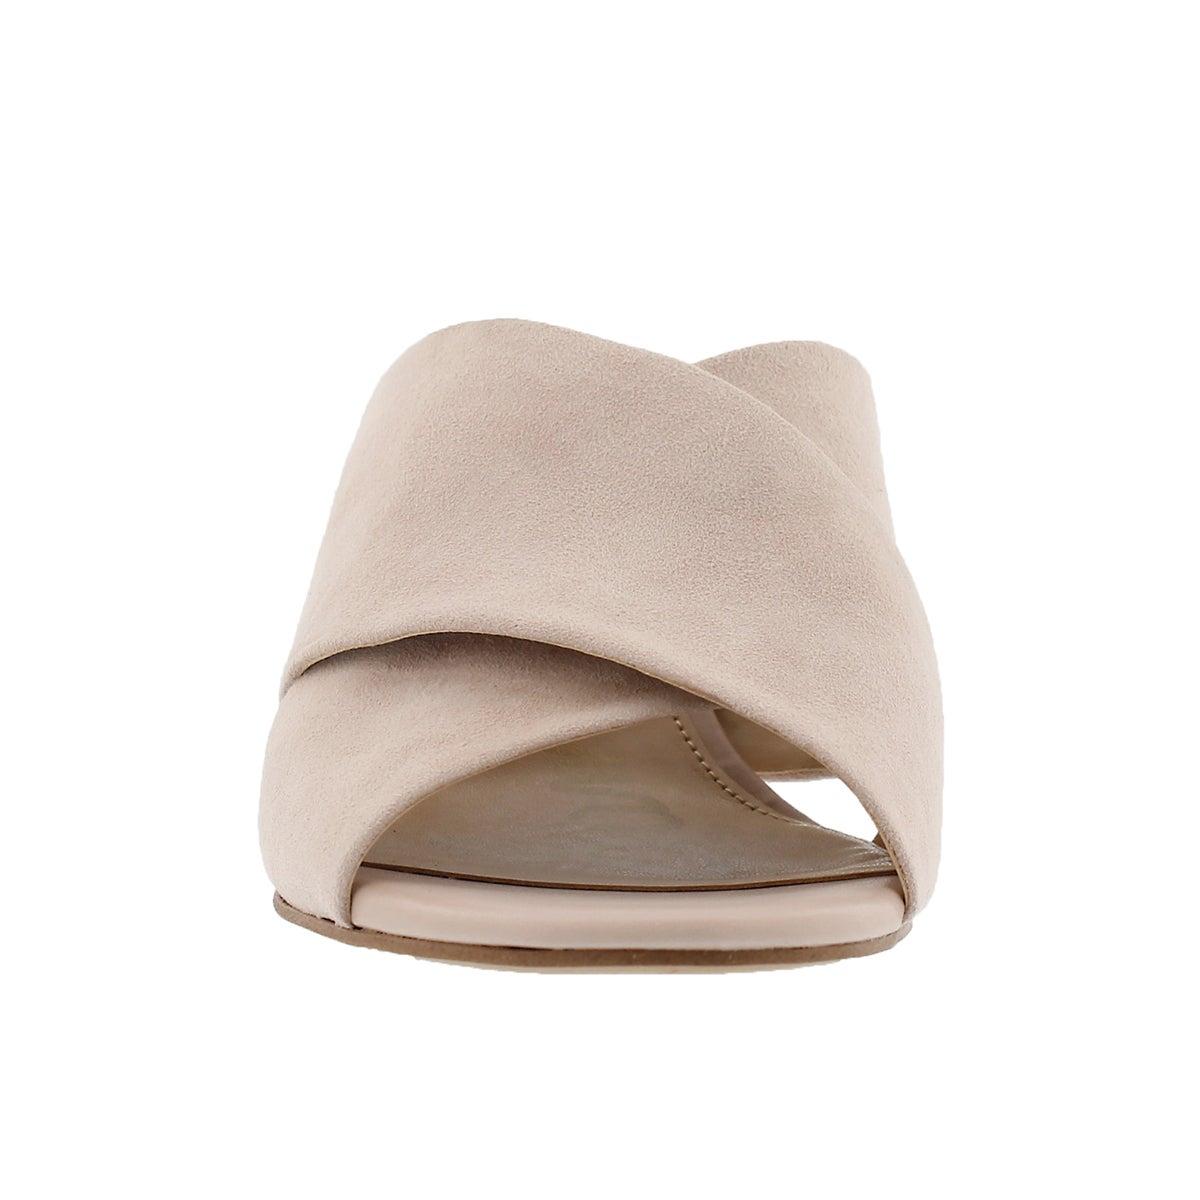 Lds Stanley primrose slide dress sandal